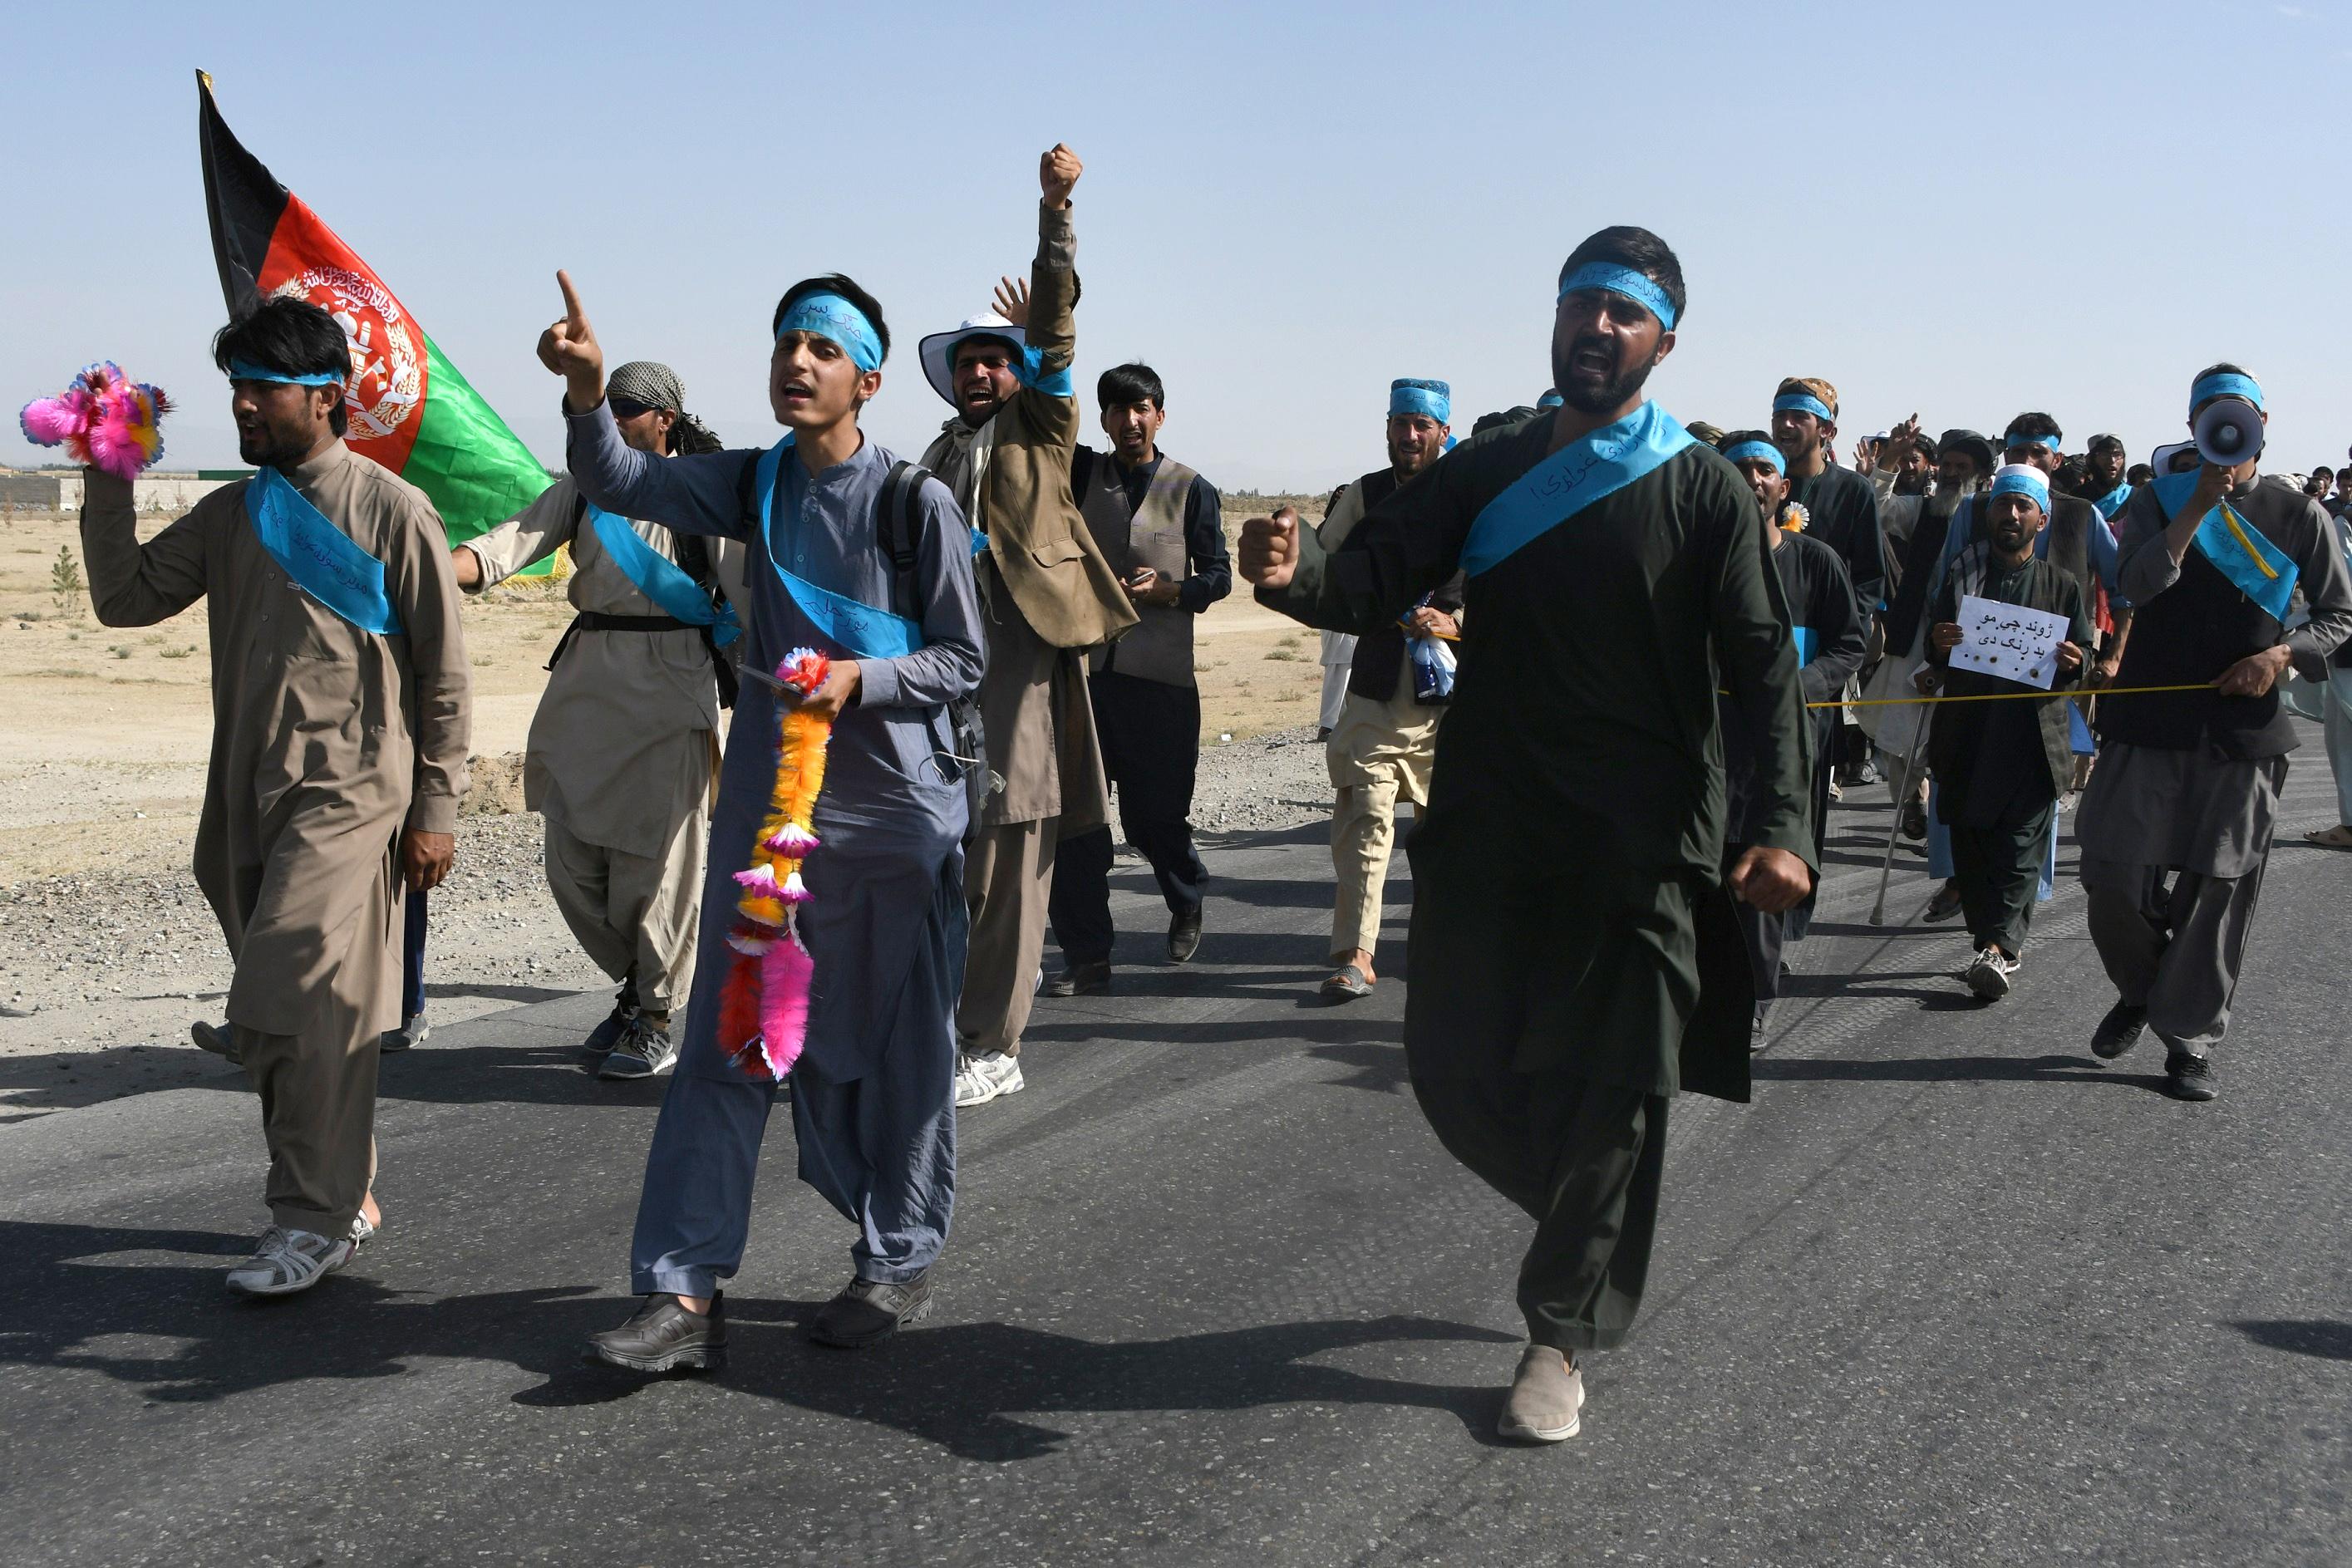 پس از یک عمر جنگ اکنون آتش بس افغان ها را به صلح دوامدار امیدوار کرده است